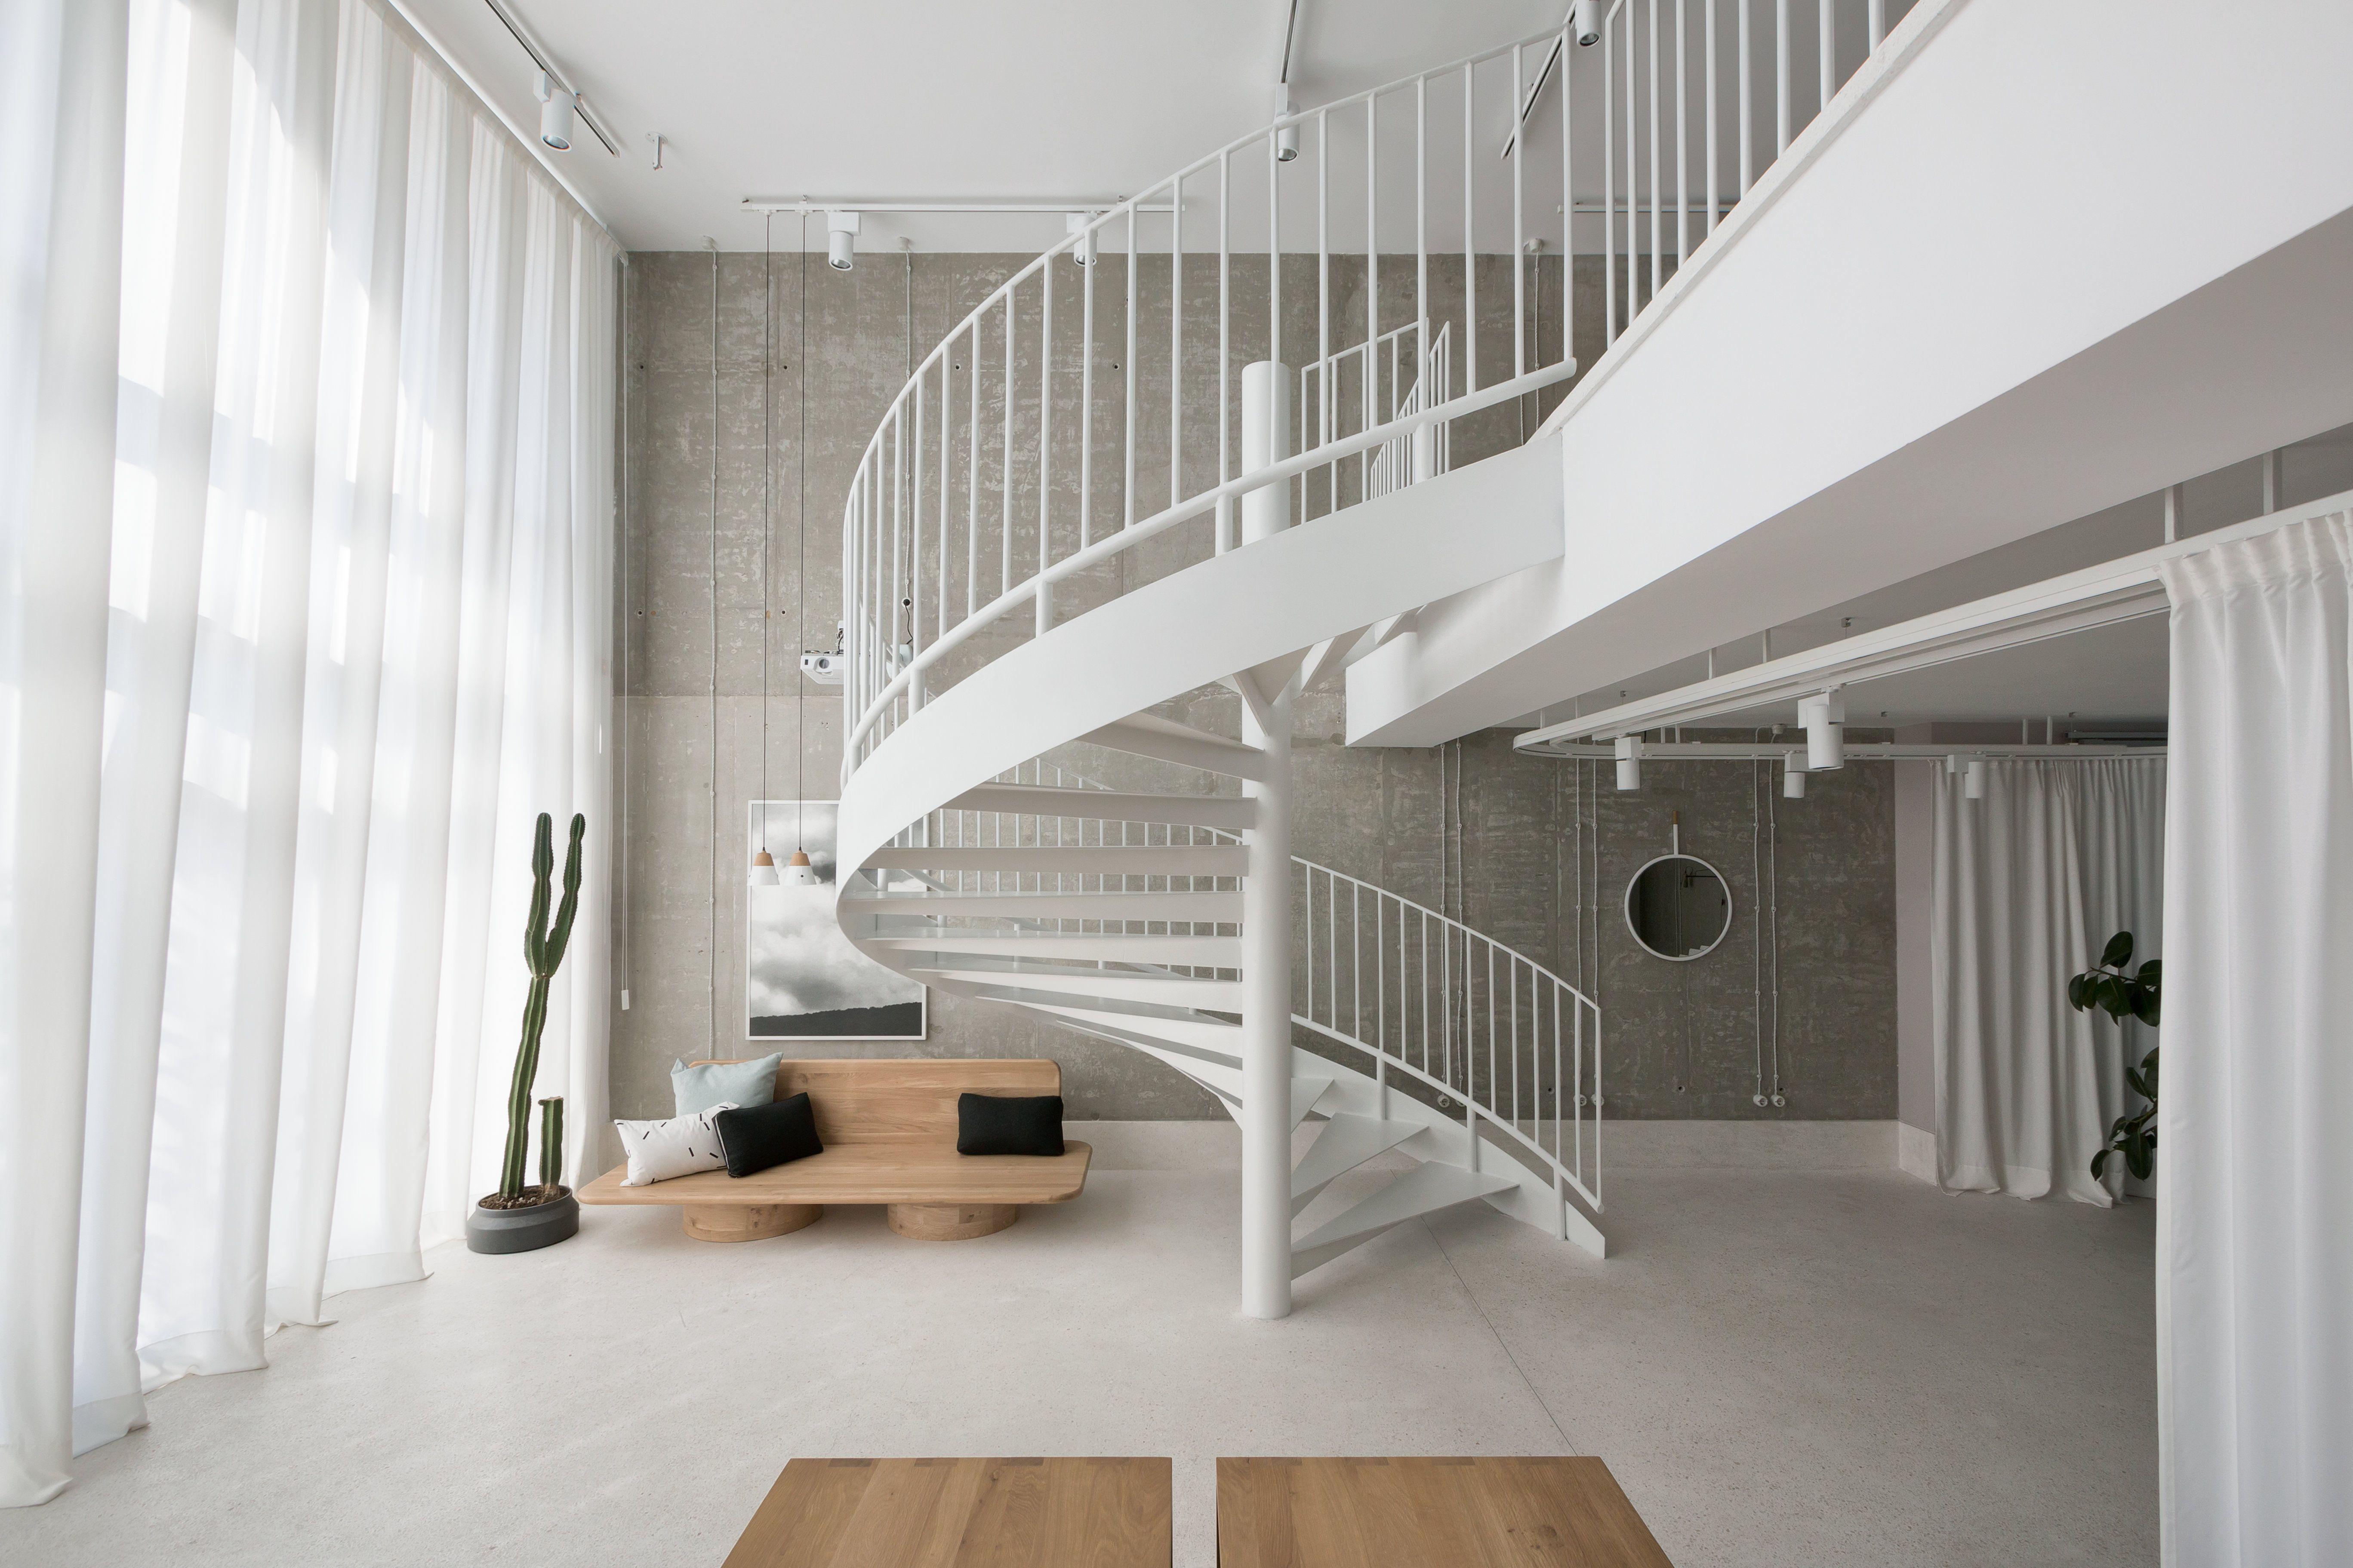 Innenarchitektur wohnzimmer grundrisse pin von trend auf javni objekti  pinterest  design dekoration und